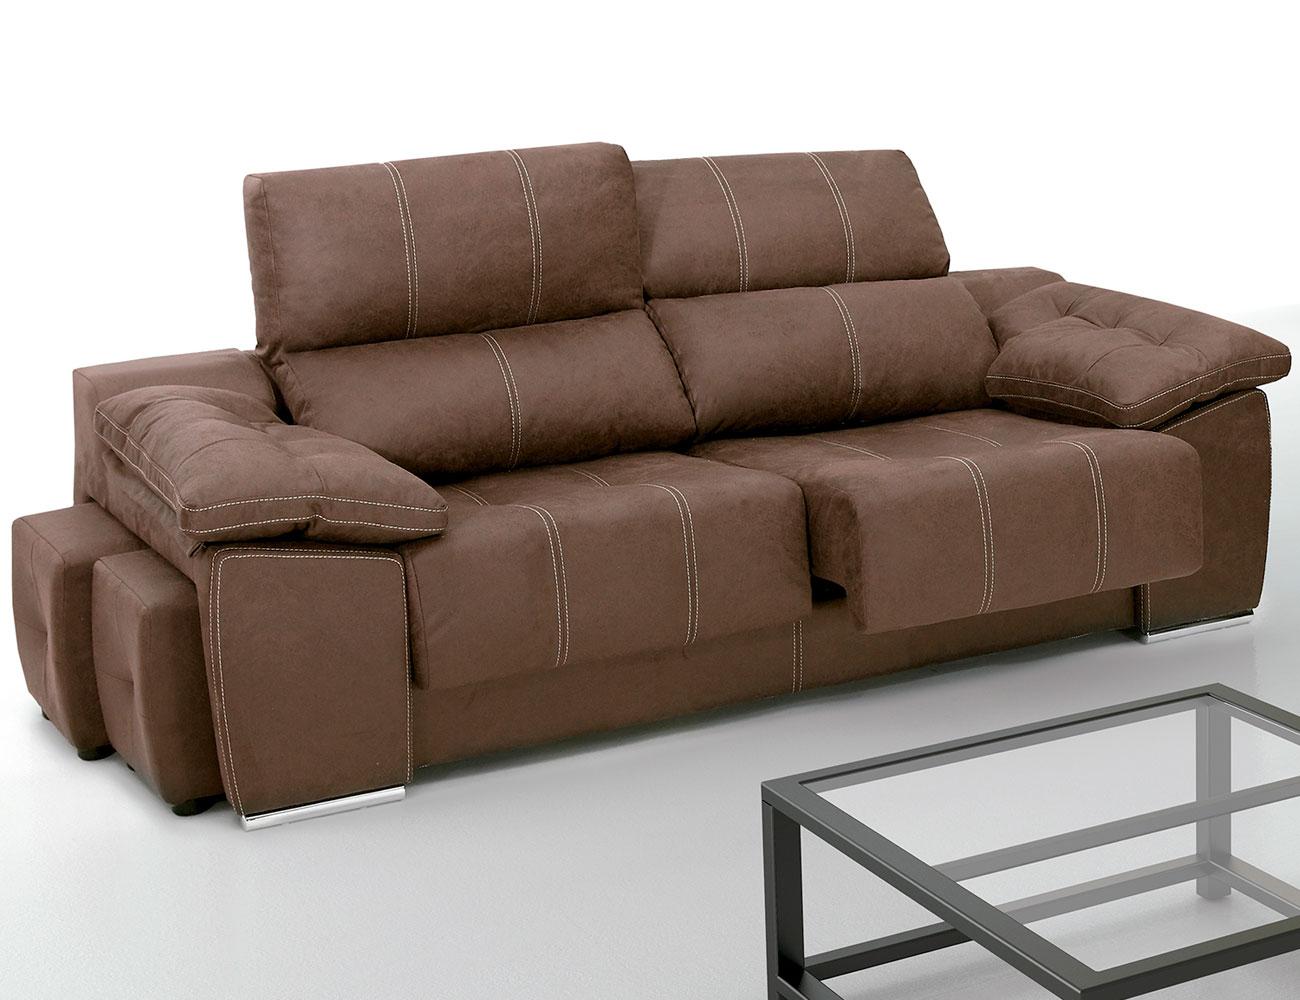 Sof con asientos extra bles y respaldos reclinables con - Asientos para sofas ...